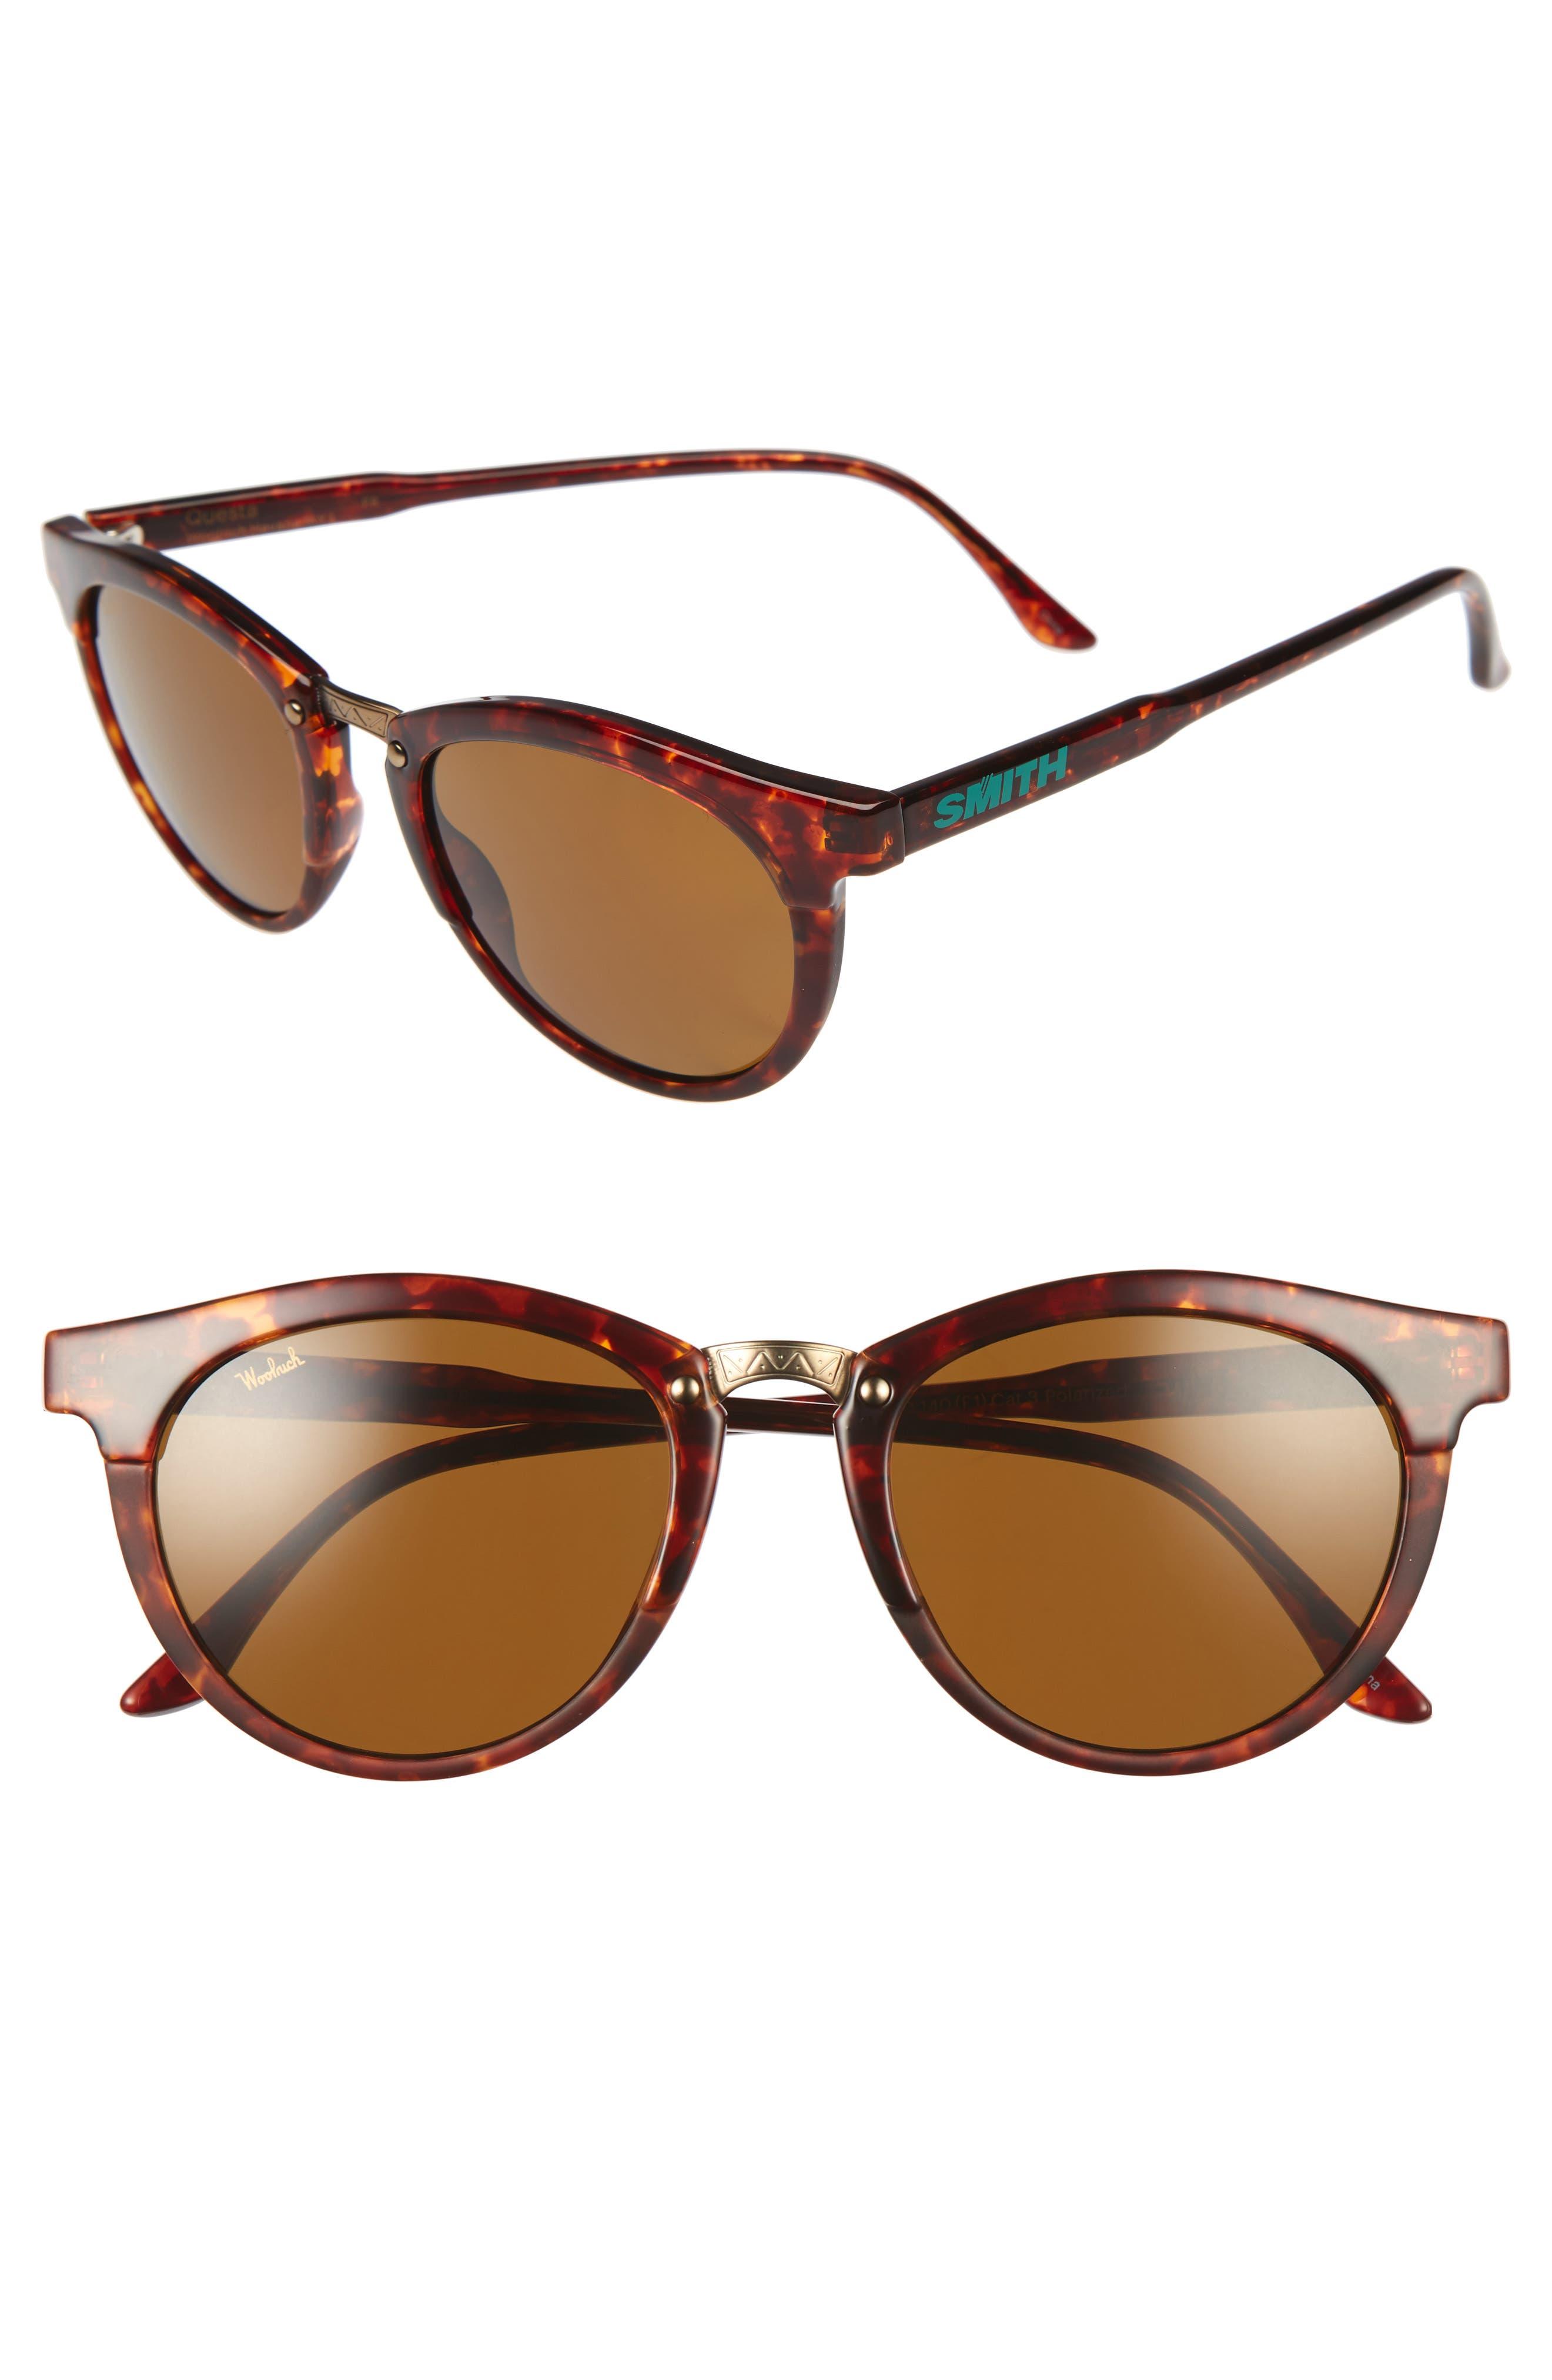 Main Image - Smith Questa 49mm Polarized Sunglasses